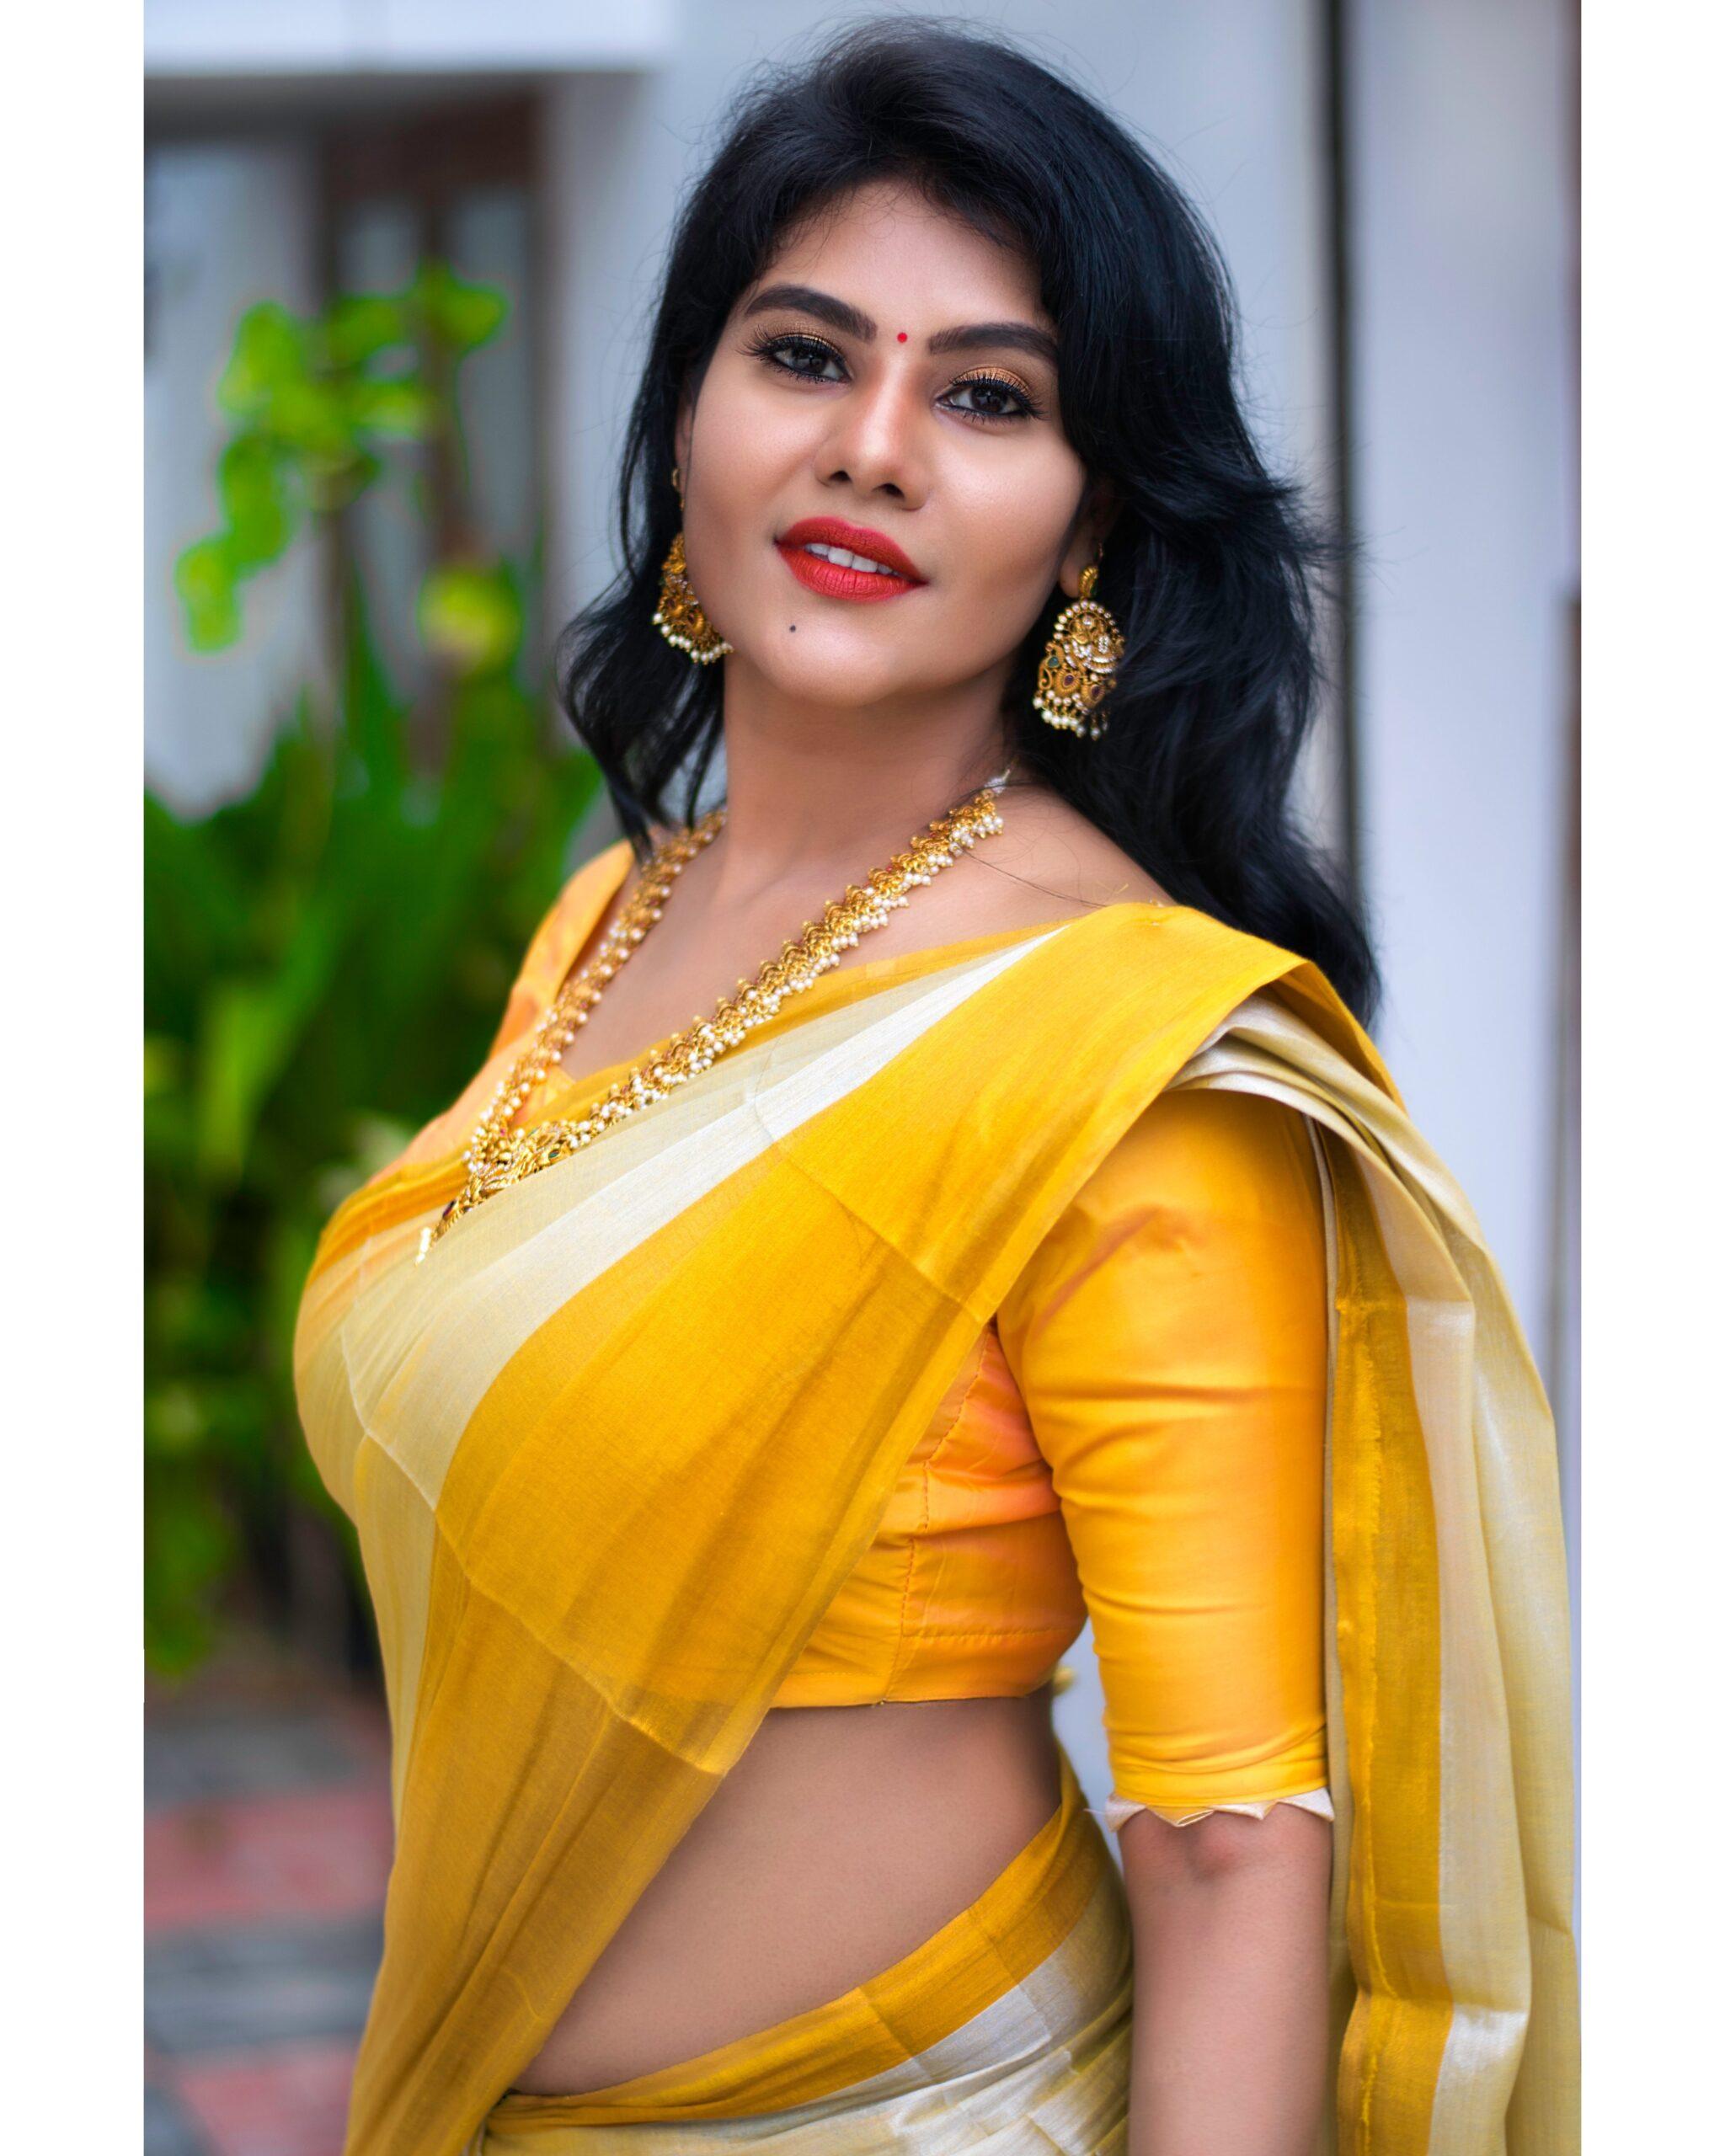 Hot Navel - Hot Actress Photos